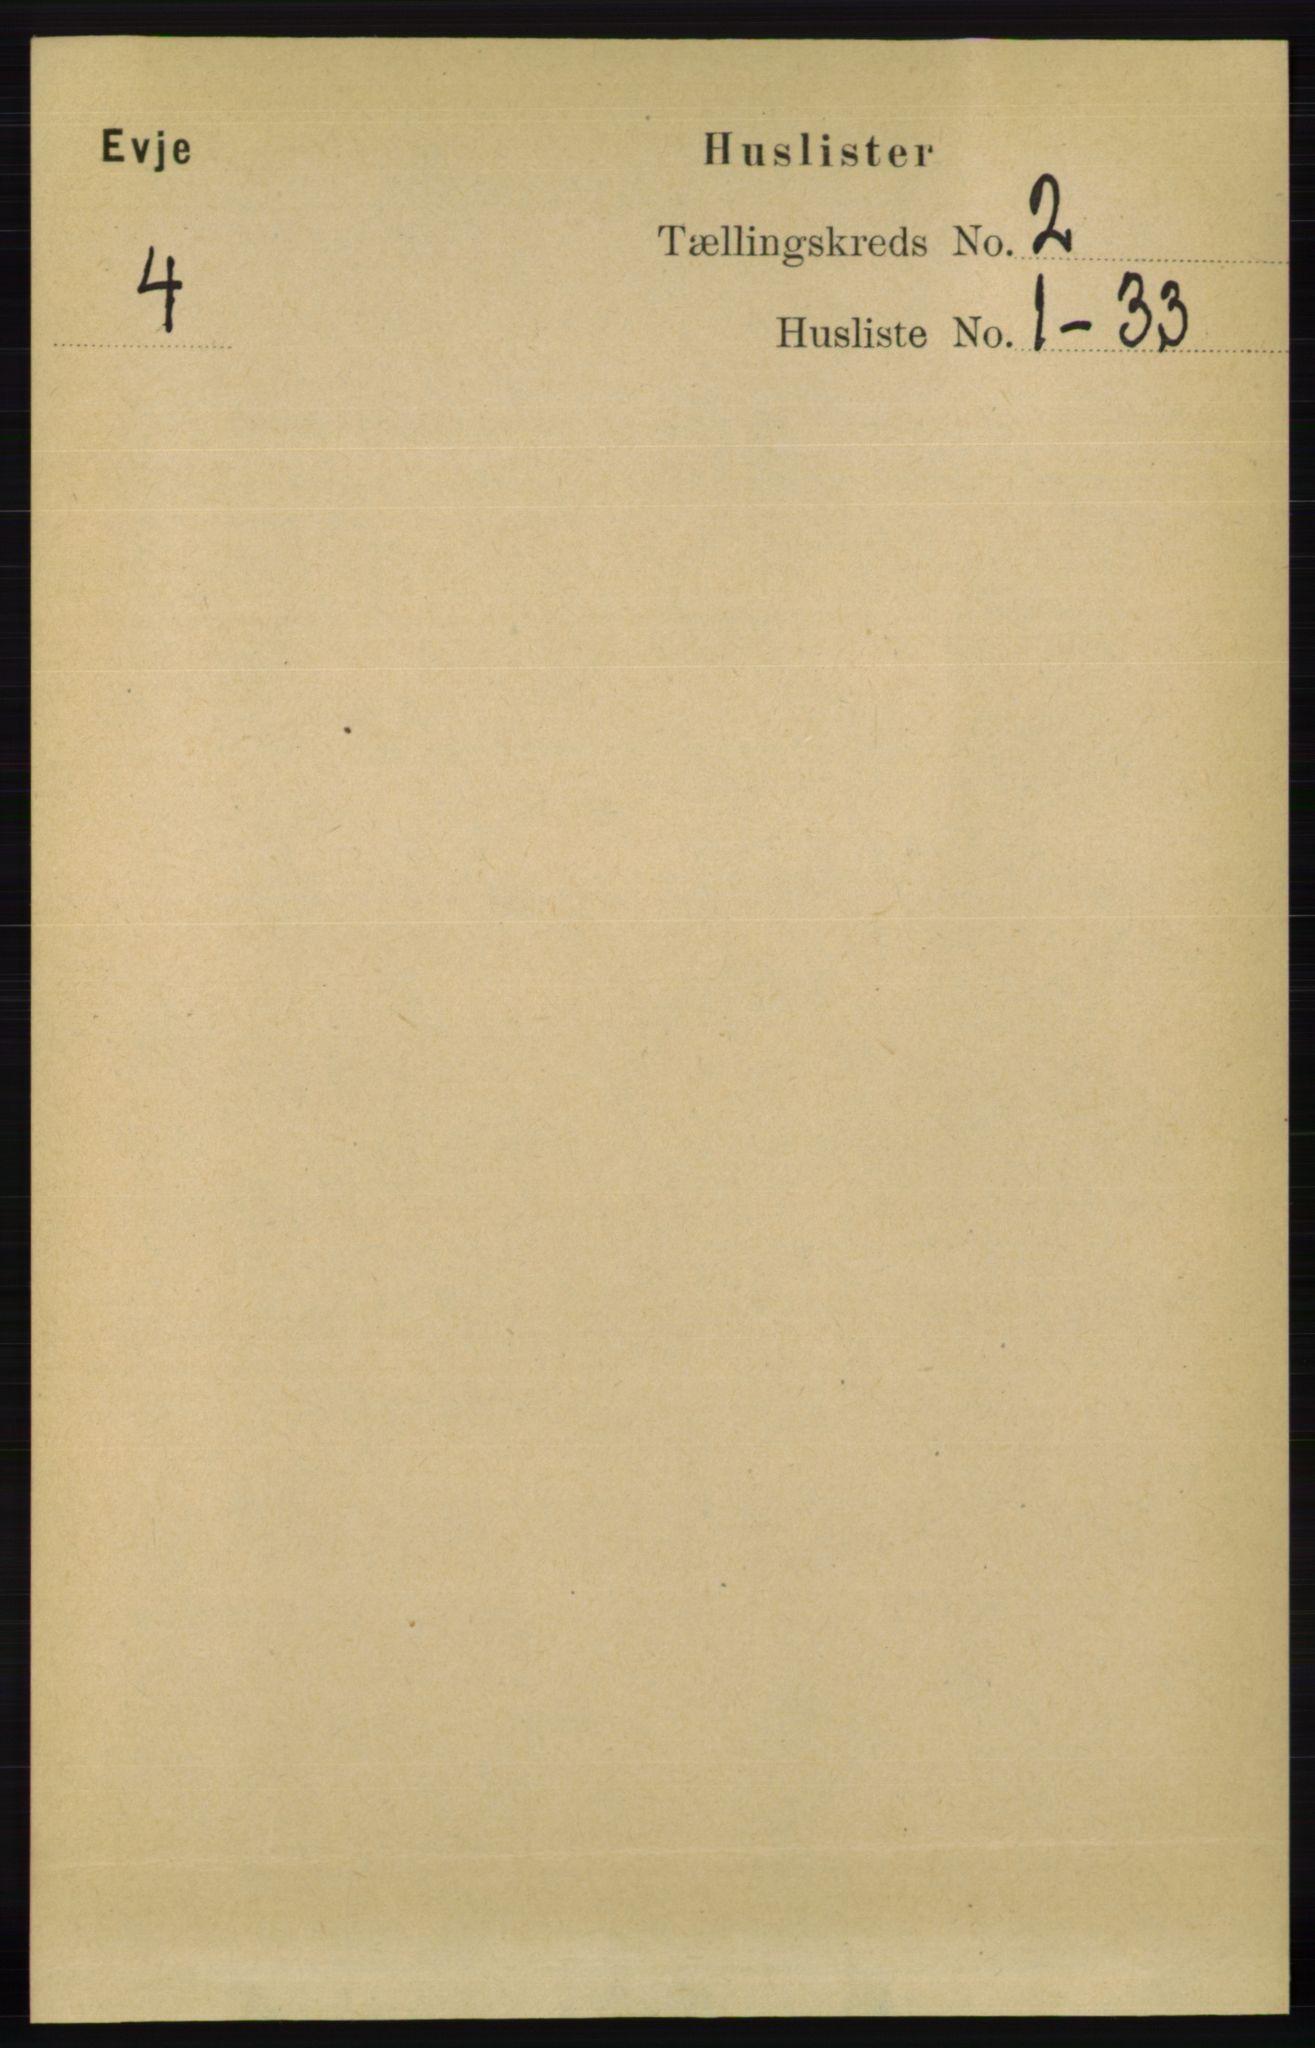 RA, Folketelling 1891 for 0937 Evje herred, 1891, s. 334